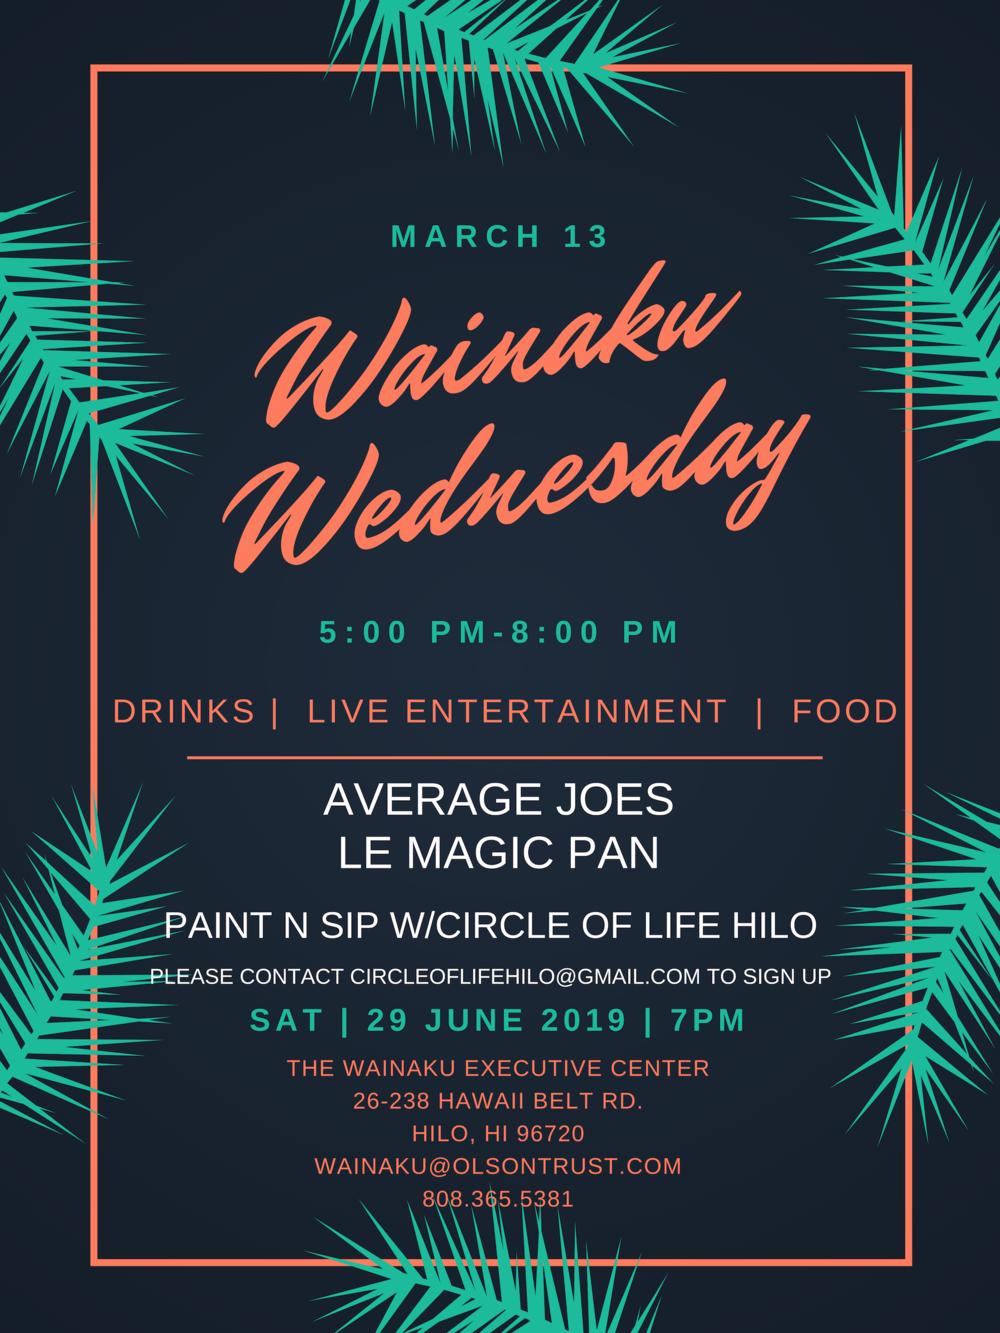 Wainaku Wednesday (3).png